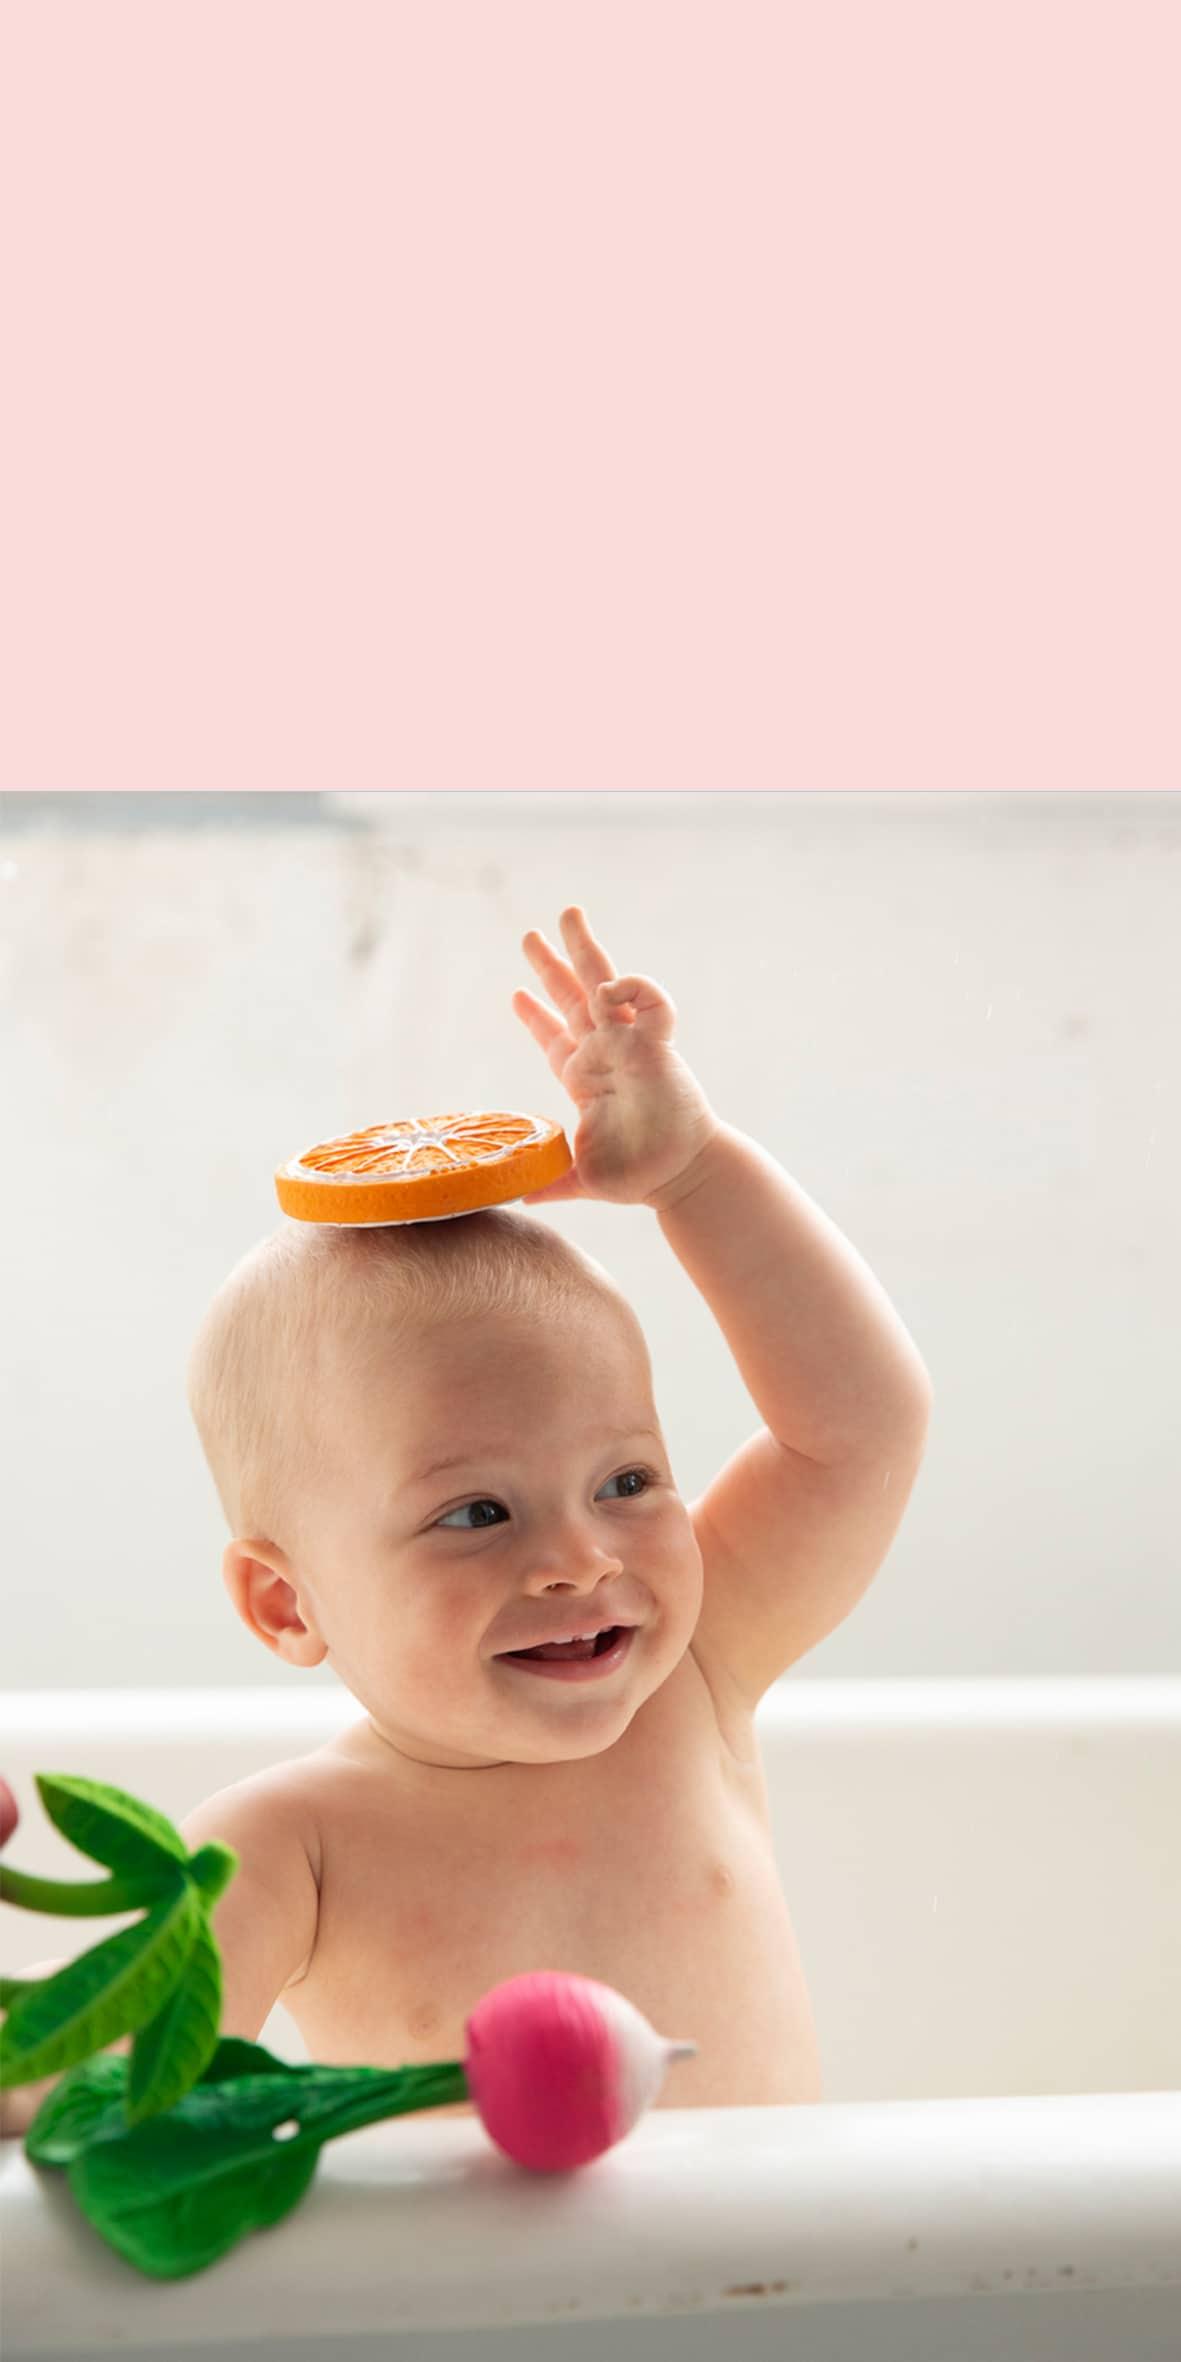 Accessoires bébés - Pas de dragon dans la maison !